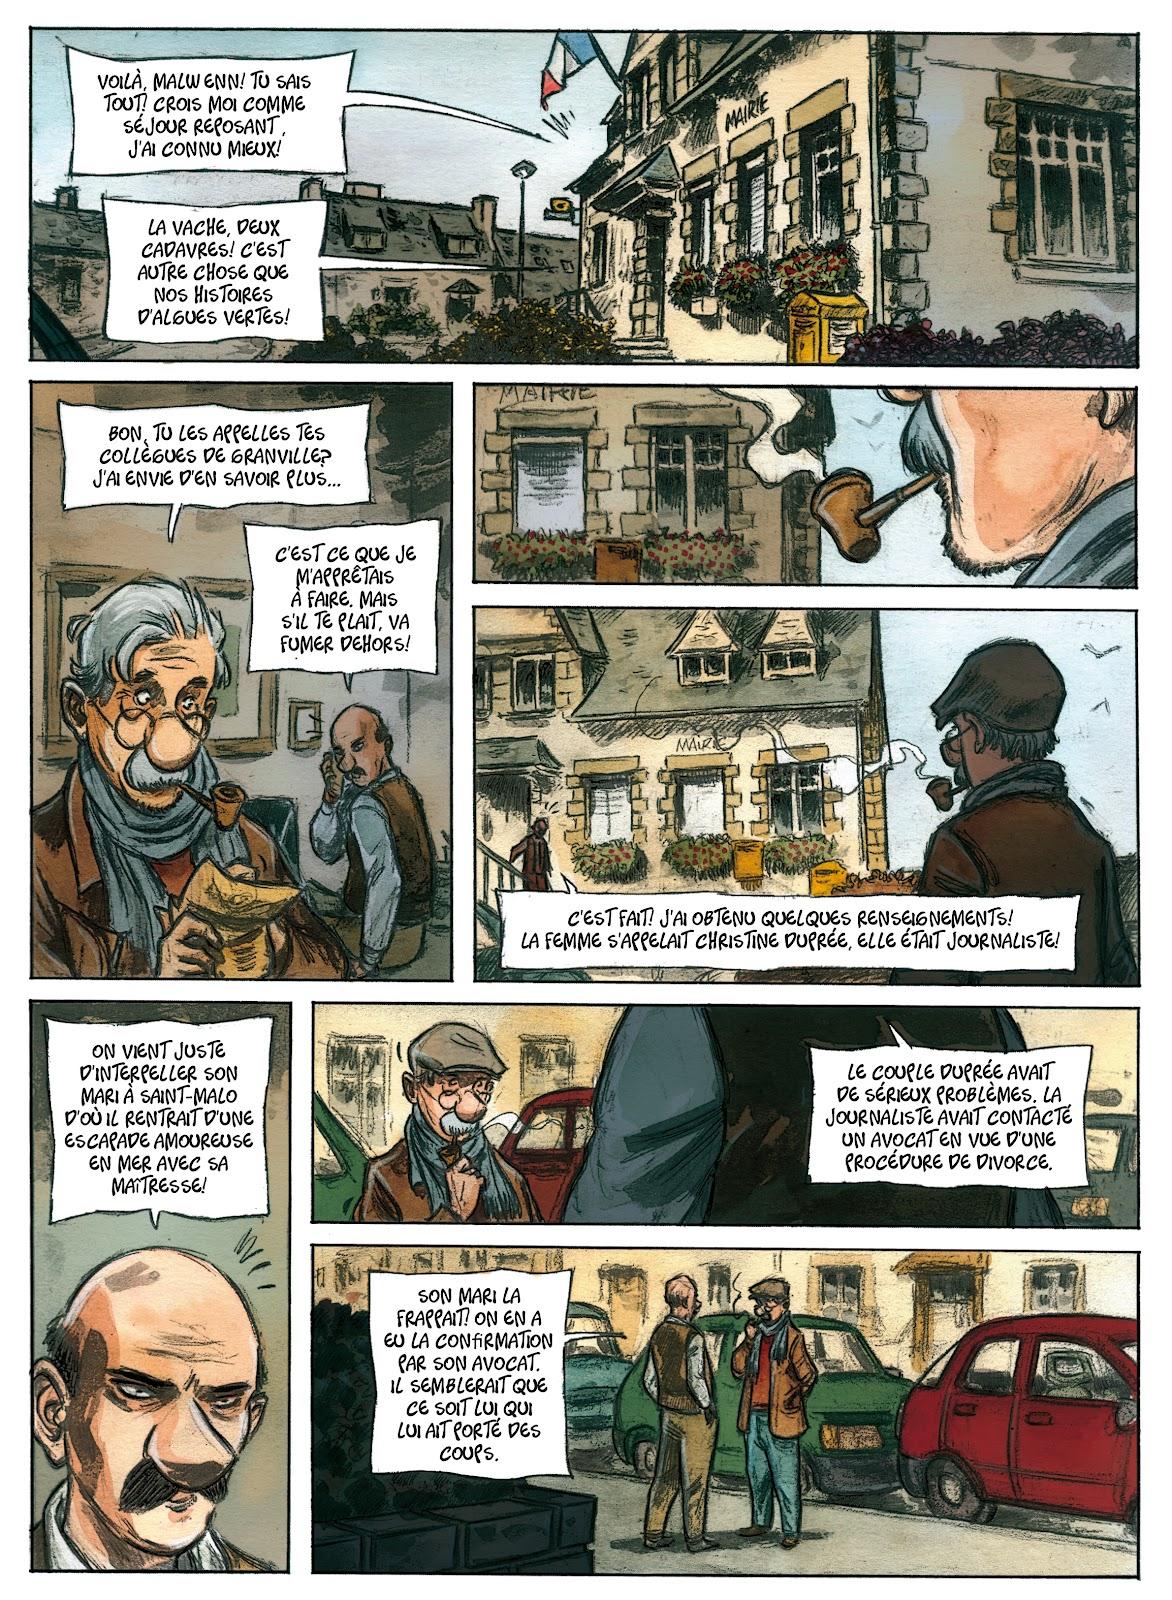 Pour les amis du 9eme art, la BD ! - Page 3 Karadec2inte%CC%81rieurp20